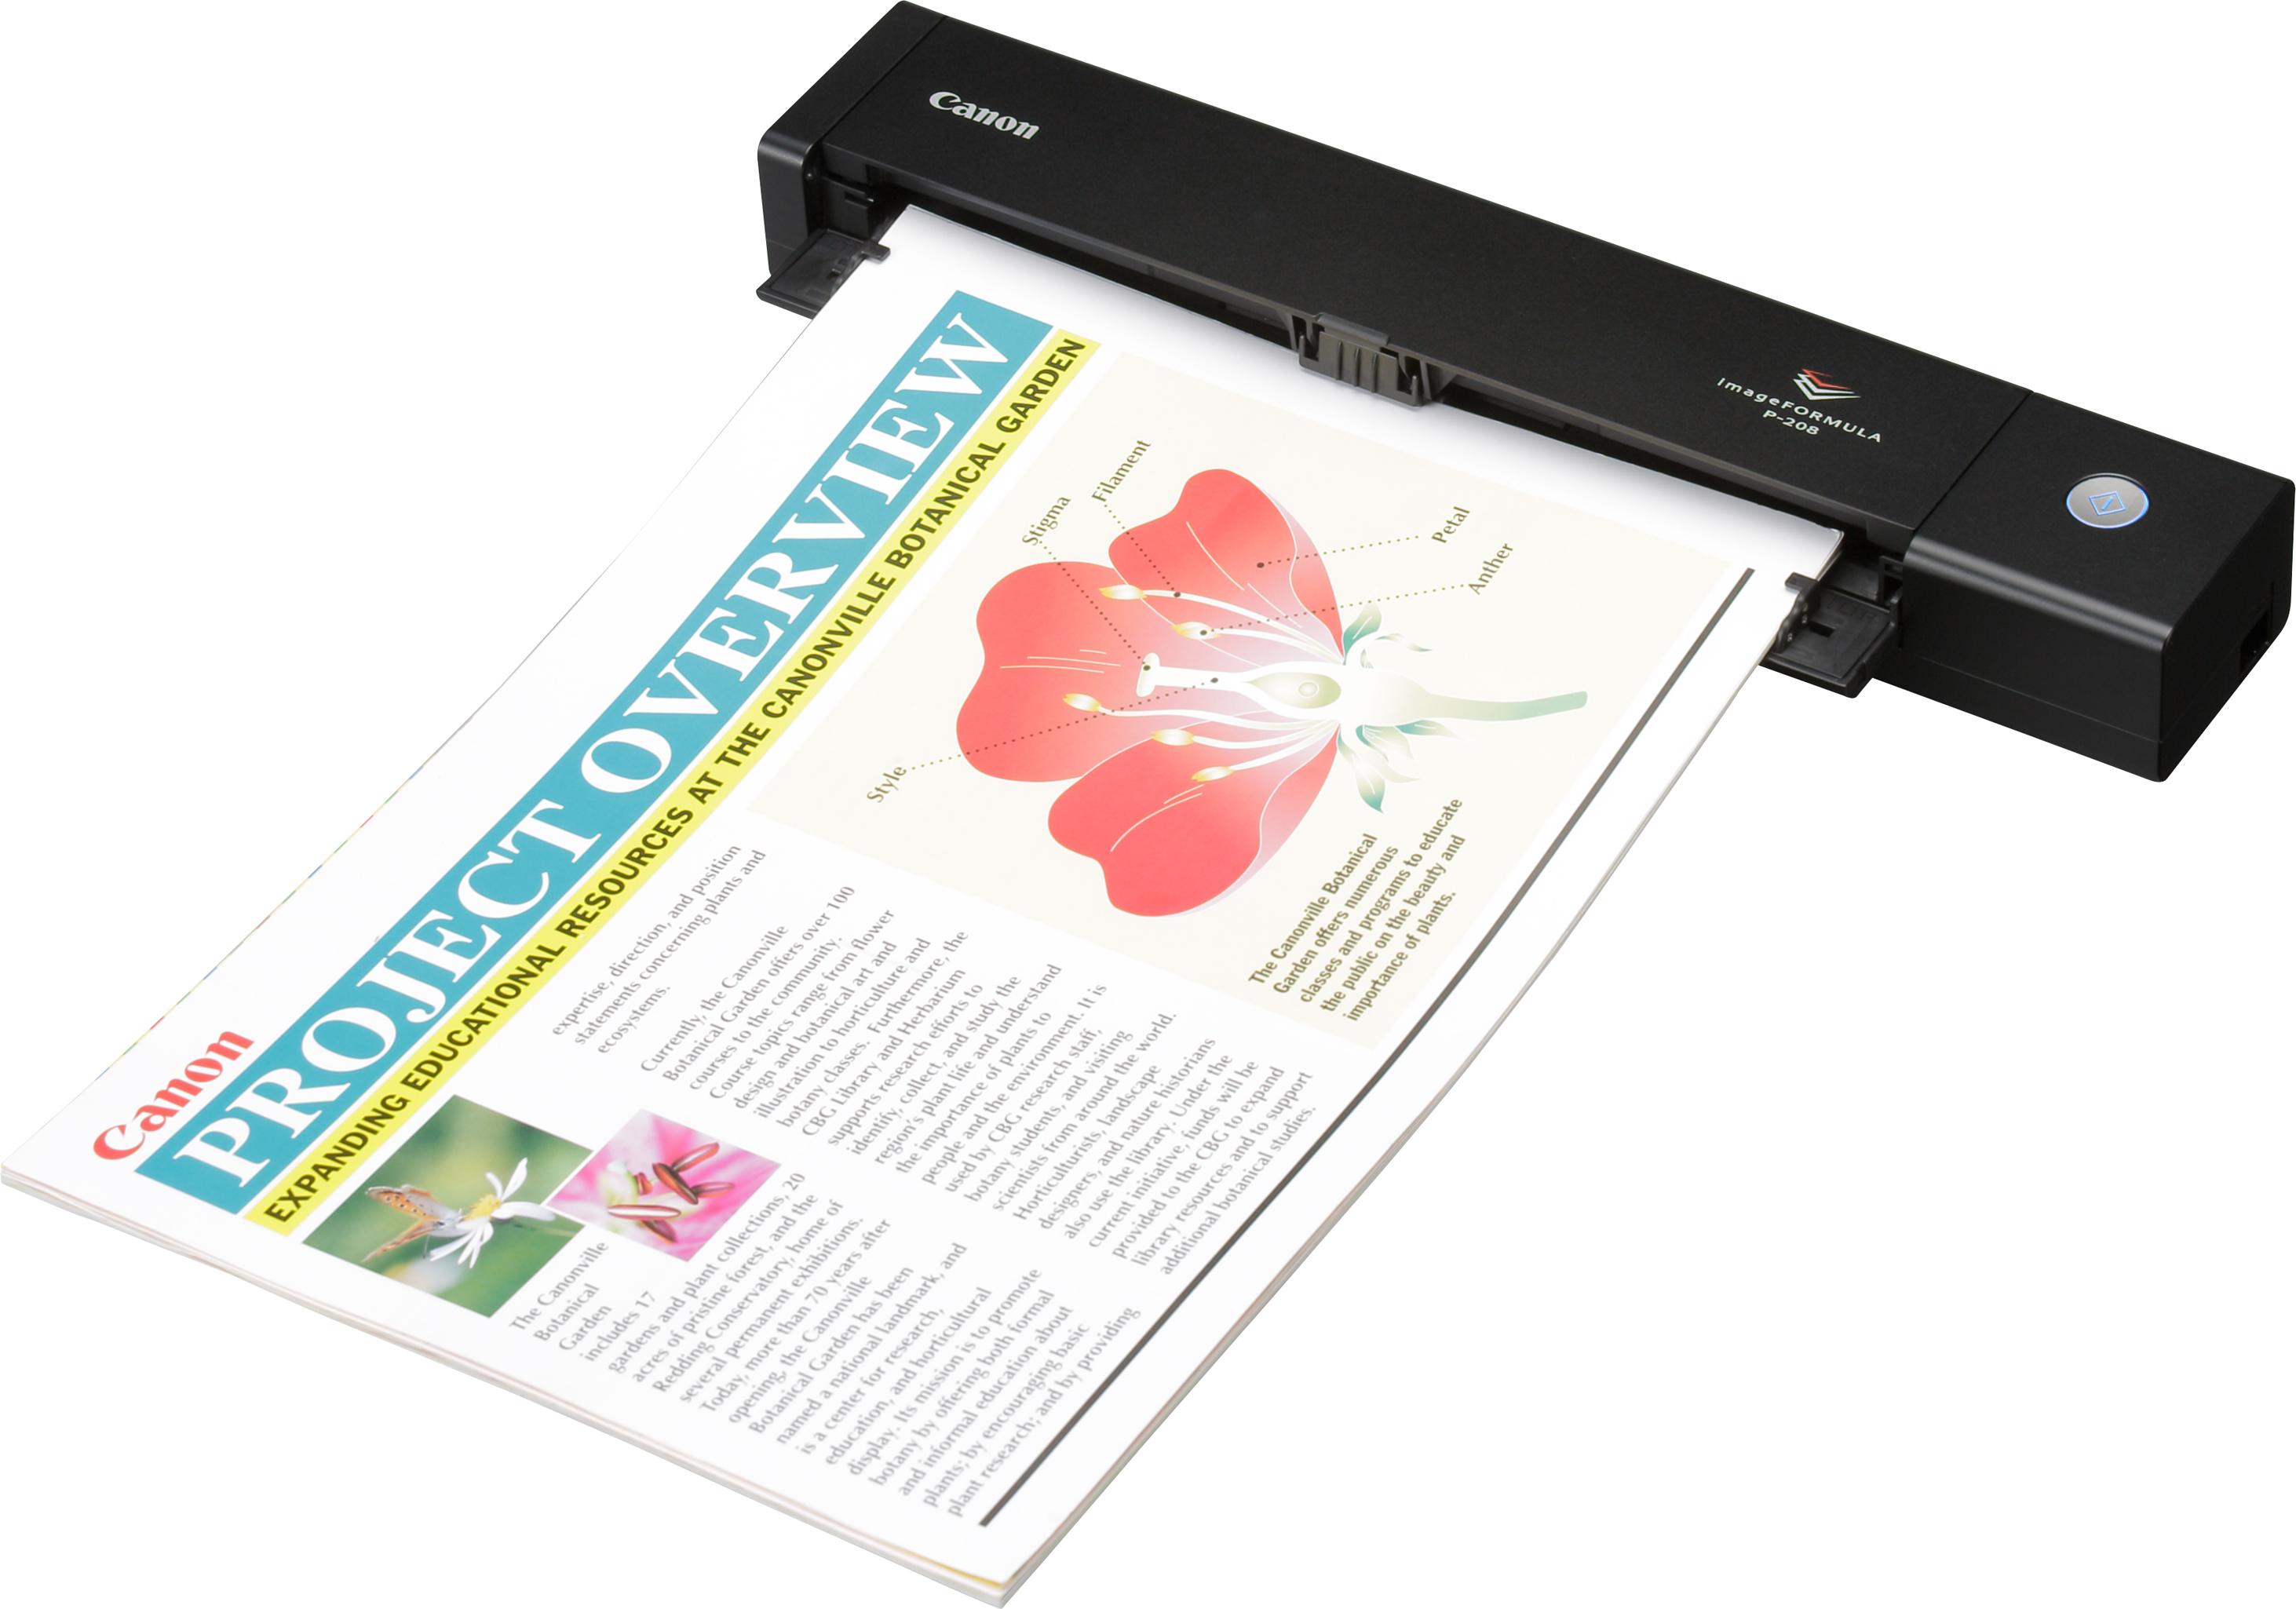 CANON - ImageFORMULA P201 / P208 / P2015 -Escáneres Personales Portátiles